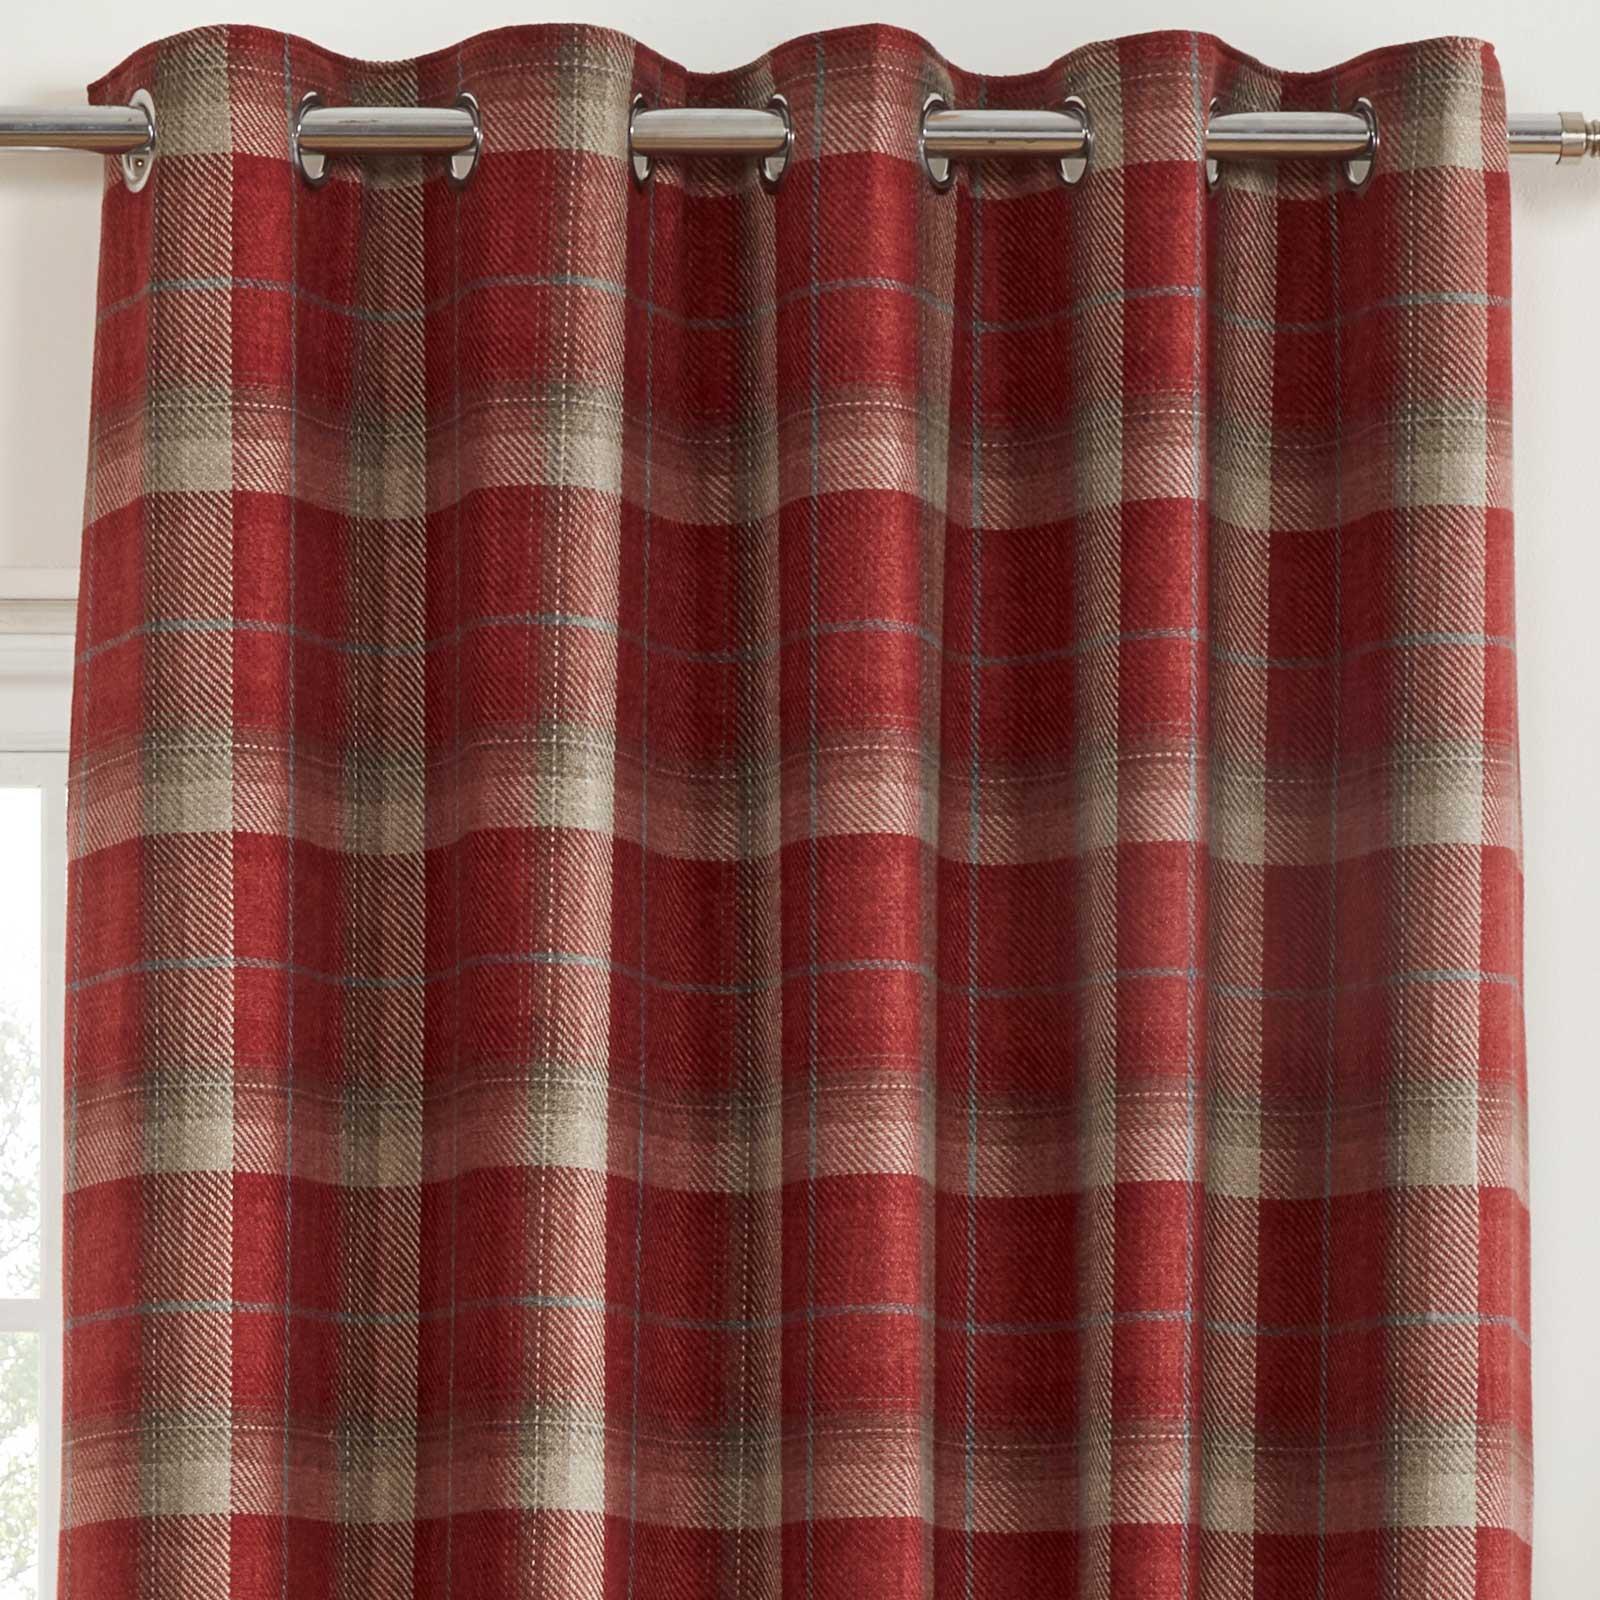 Cortinas-DE-ORIFICIOS-Rojo-Blackout-Tartan-Check-Ready-Made-acogedor-Anillo-Superior-Cortina-Pares miniatura 27